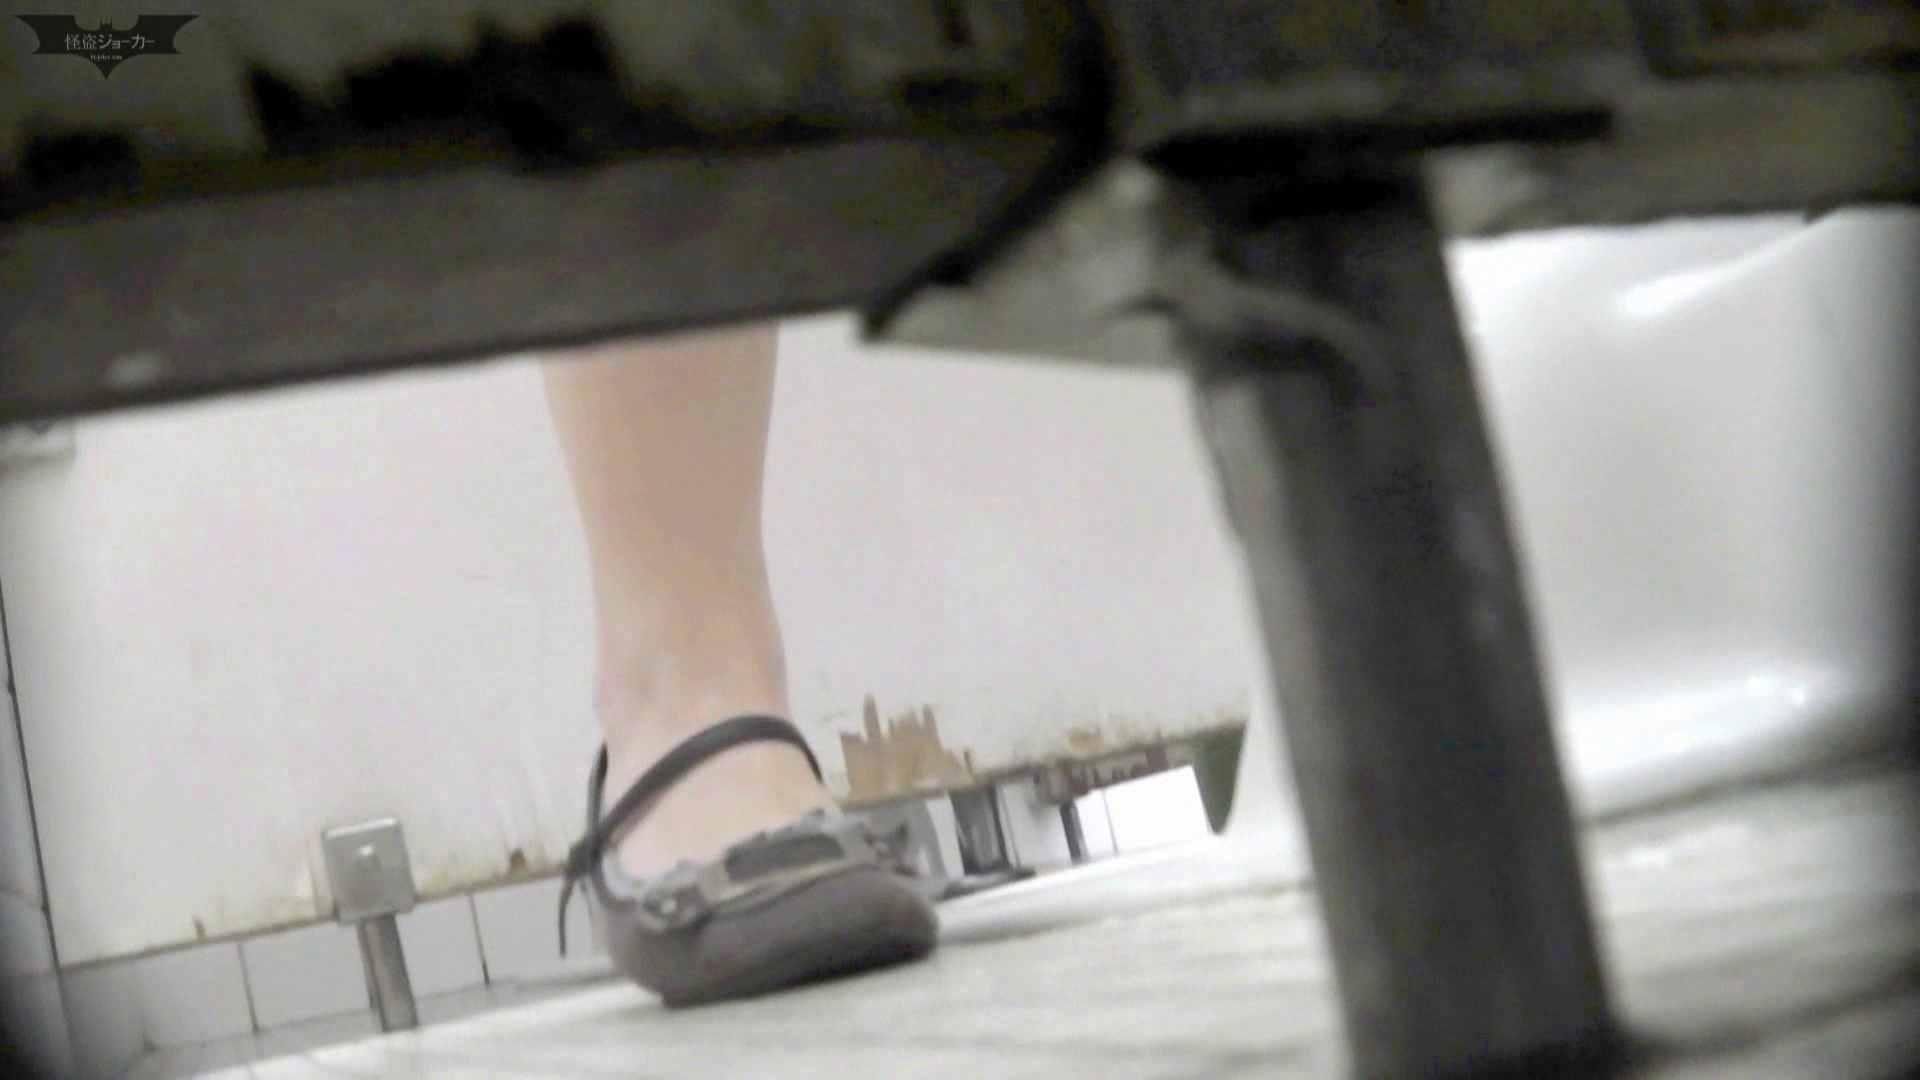 【潜入トイレ盗撮】洗面所特攻隊 vol.70 極上品の連続、歌いながら美女入室 トイレのぞき すけべAV動画紹介 97画像 79